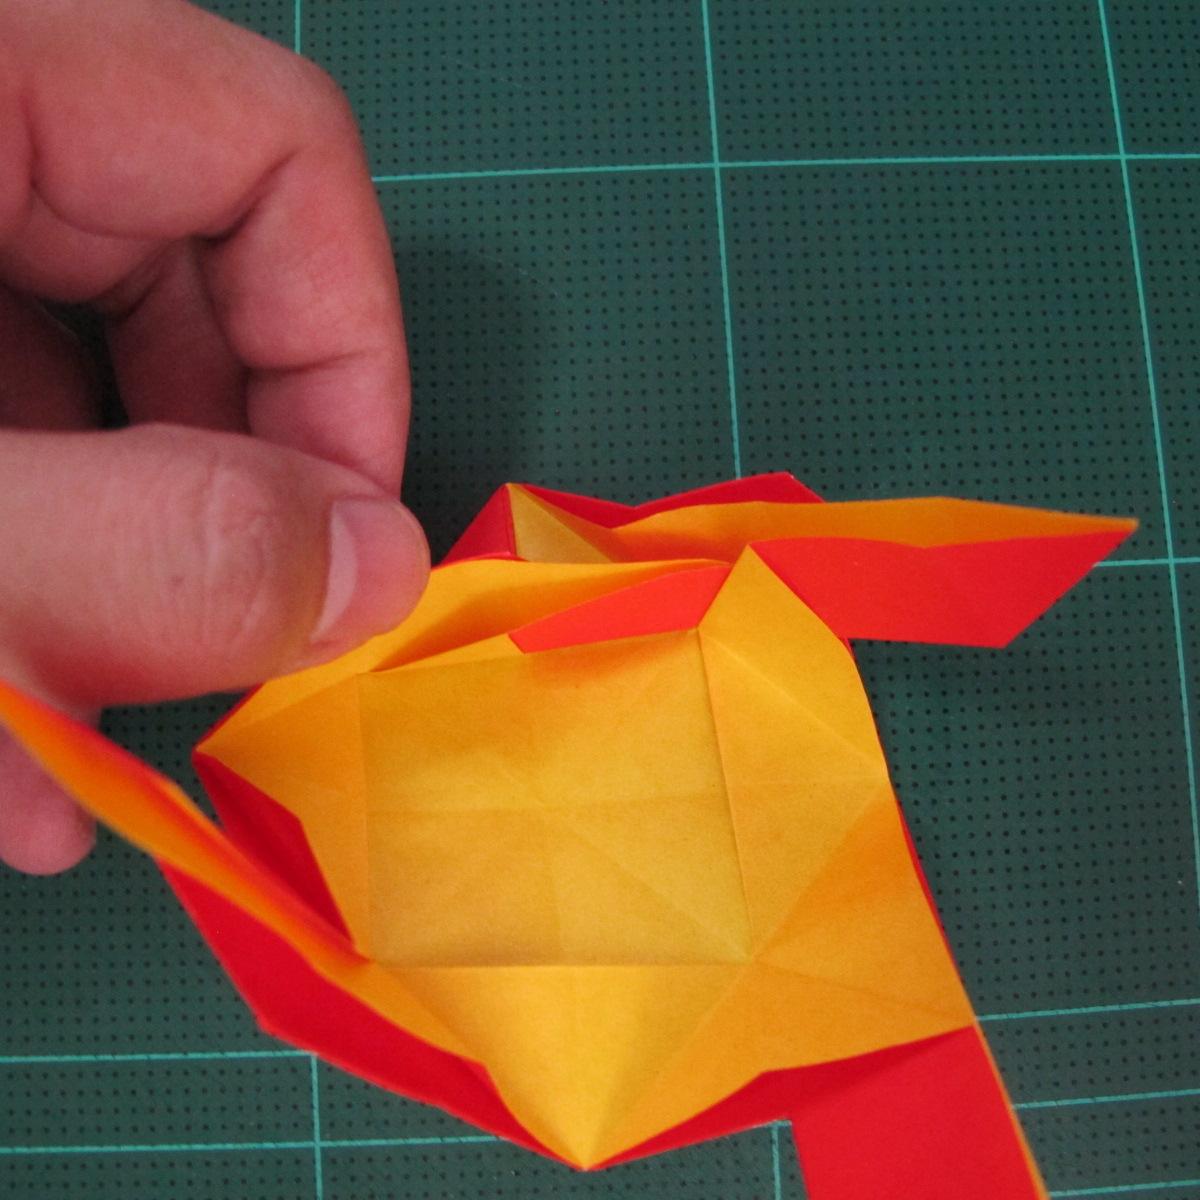 สอนวิธีพับกระดาษเป็นดอกกุหลาบ (แบบฐานกังหัน) (Origami Rose - Evi Binzinger) 016